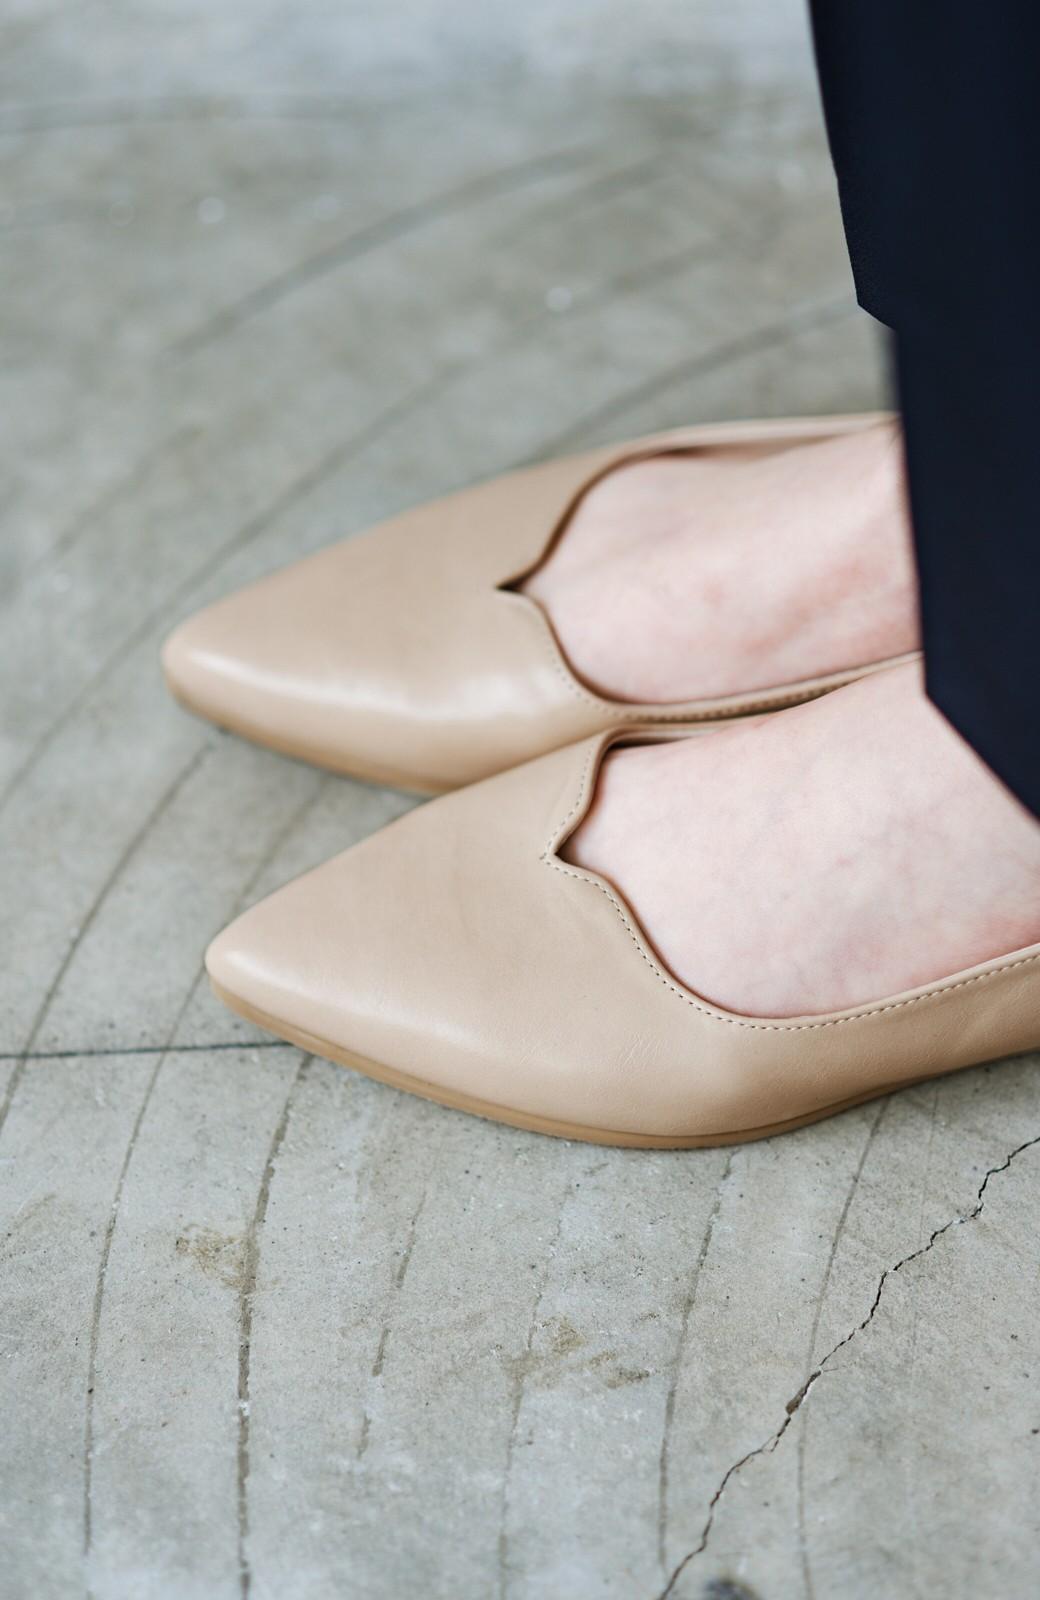 haco! 【防水】普段もお仕事も雨の日も!さっと履いて女っぽい Vカットが足をきれいに見せてくれるフラットパンプス <ベージュ>の商品写真8